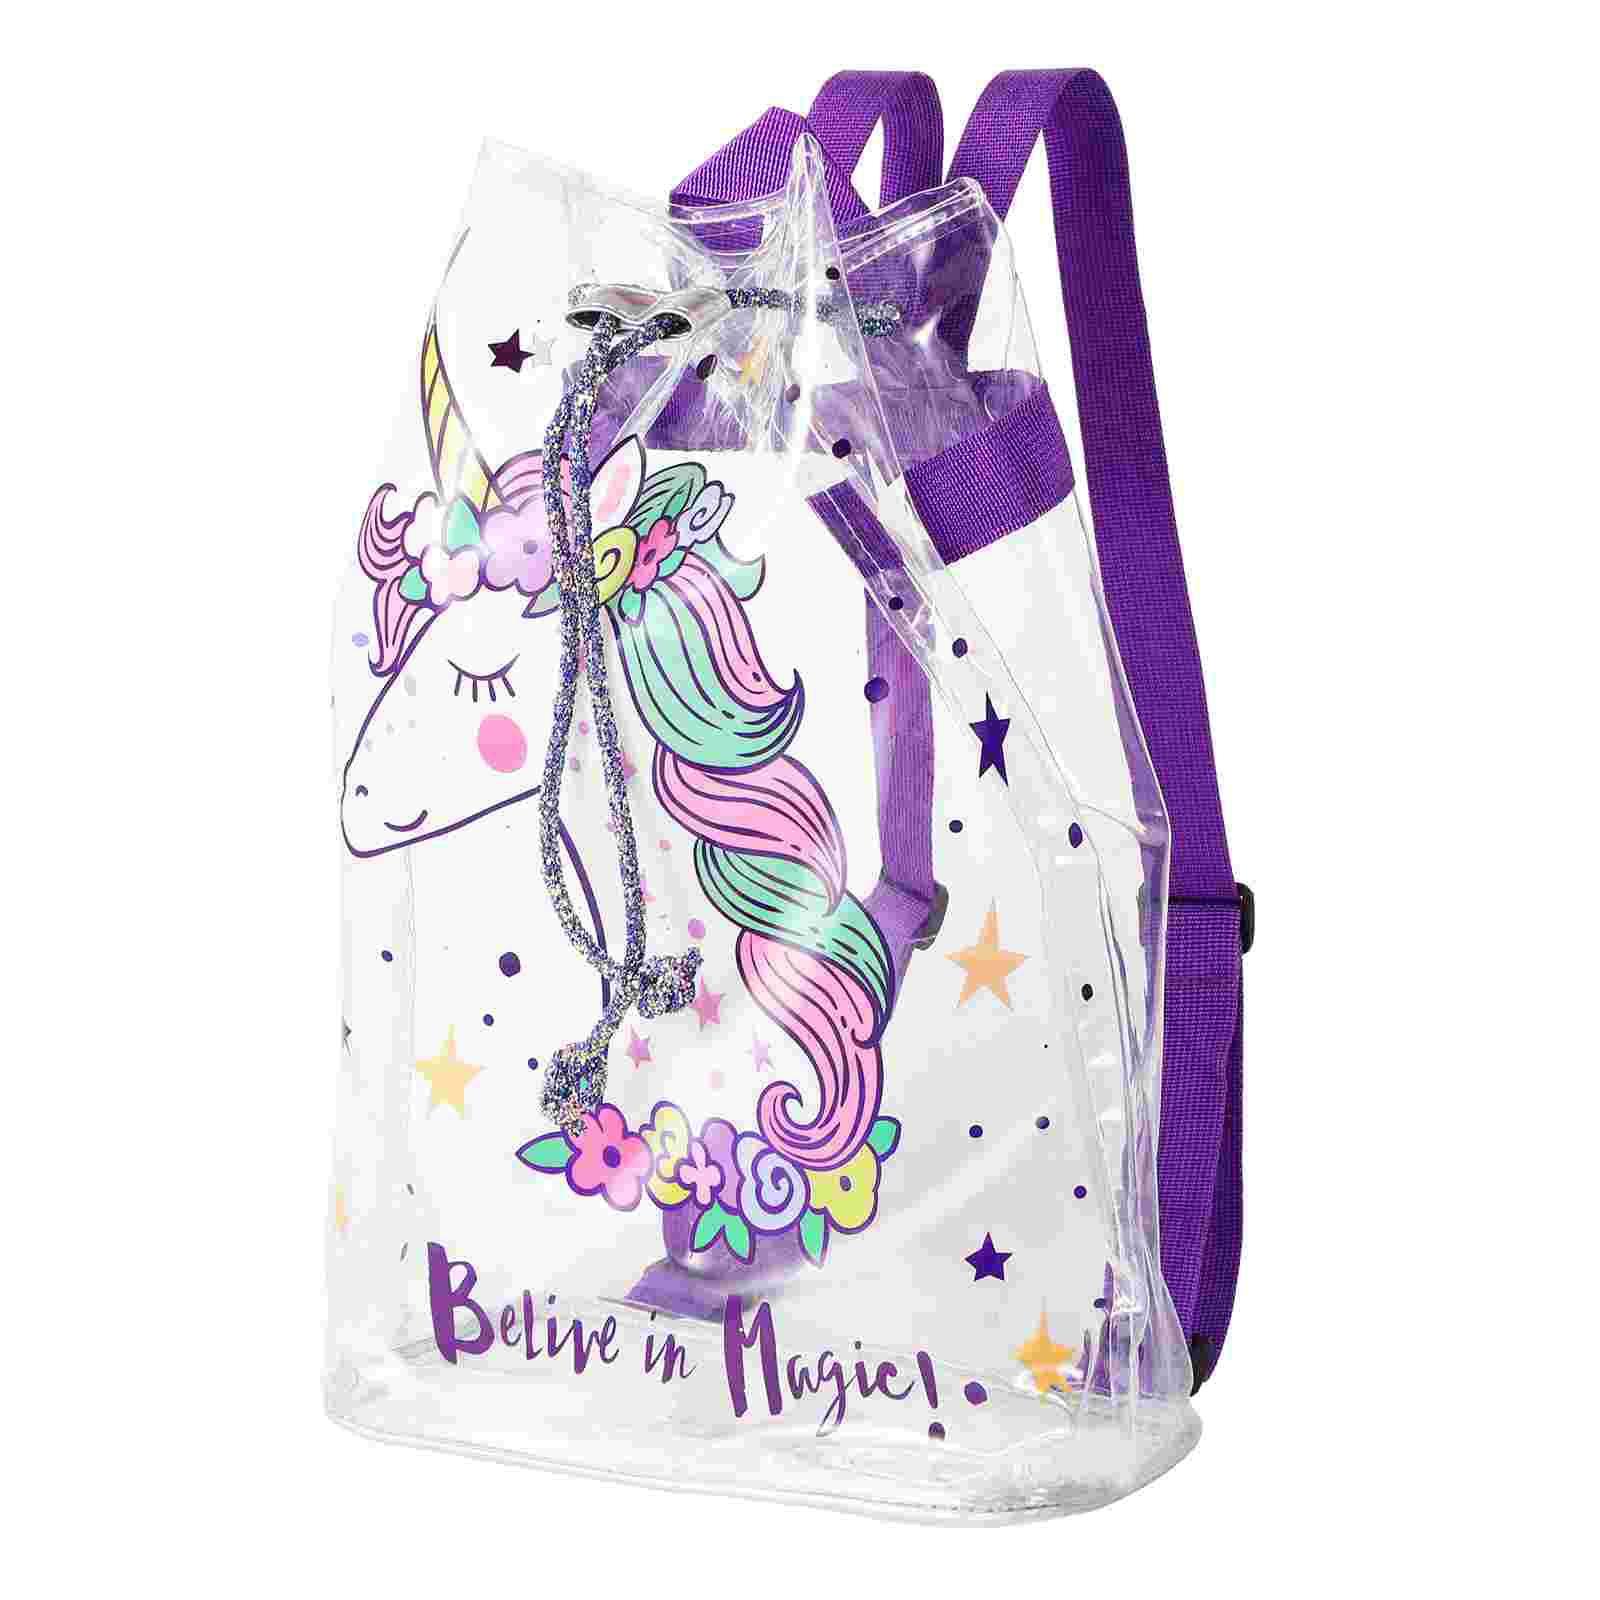 TENDYCOCO прозрачный рюкзак из ПВХ, мультяшный Цветочный рюкзак (фиолетовый)